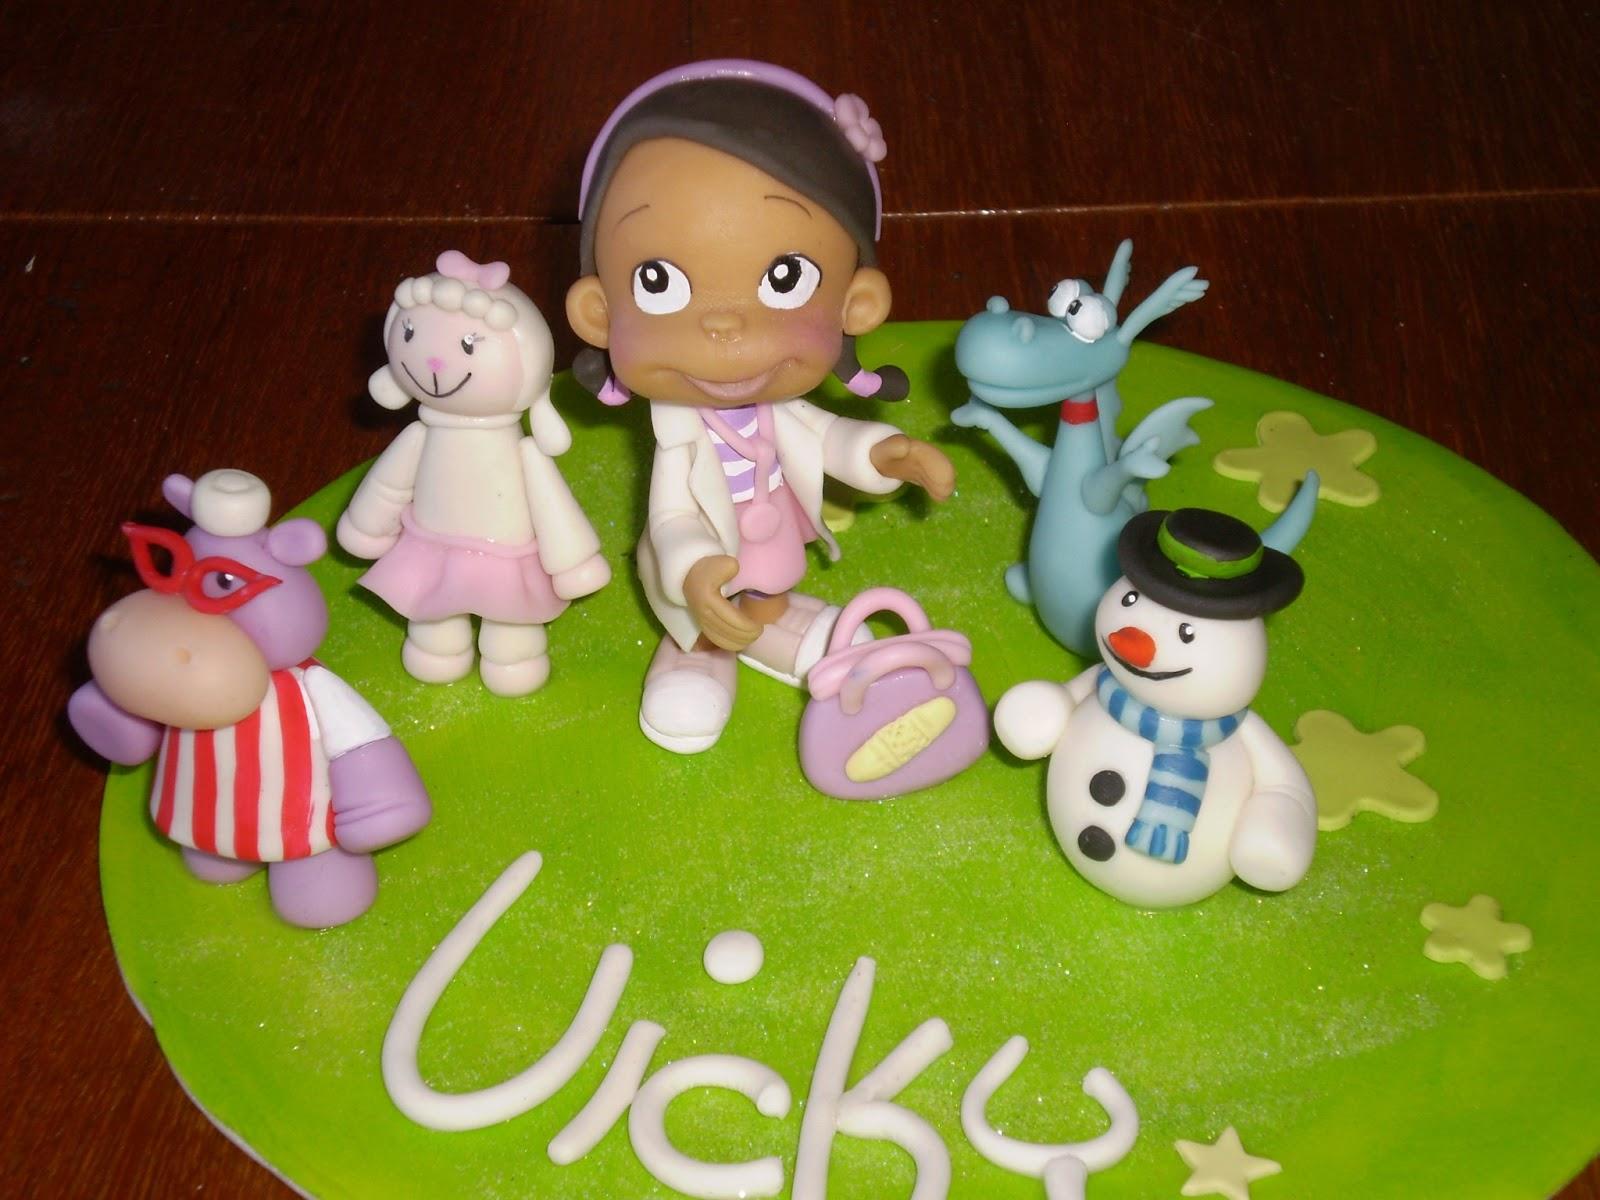 Souvenirs y adorno de torta de la doctora juguetes